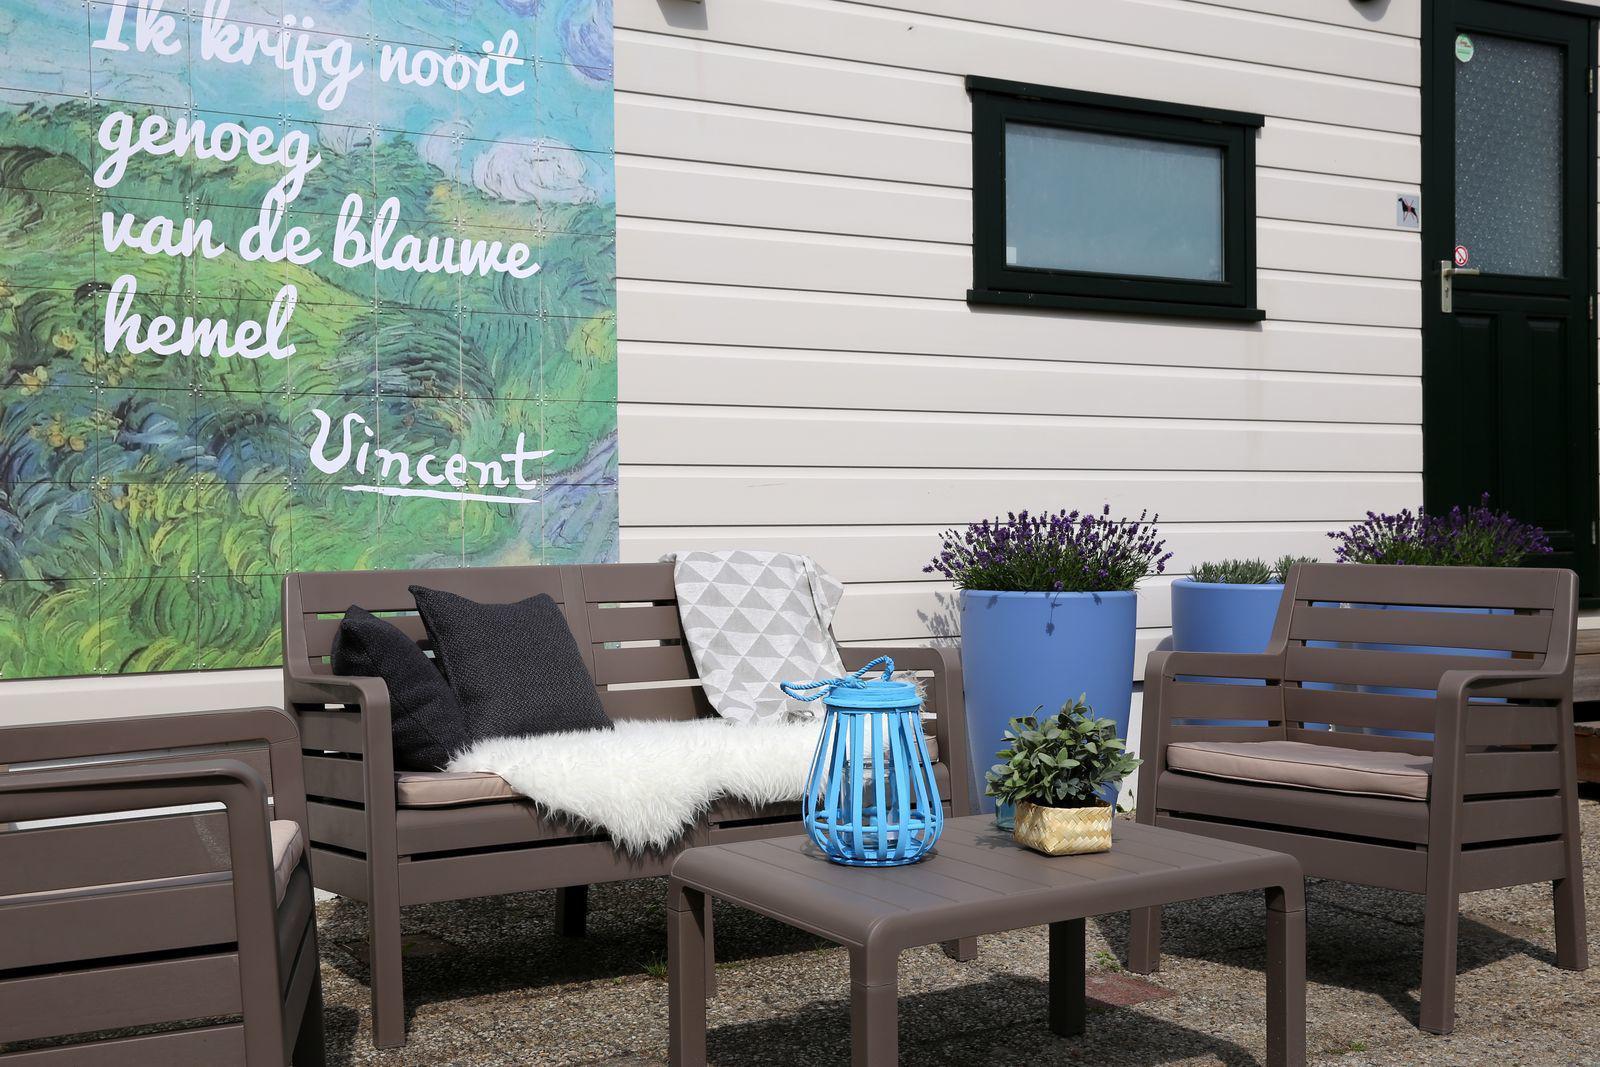 Duinhoeve Vincent van Gogh Chalet 6 personen Udenhout Noord-Brabant